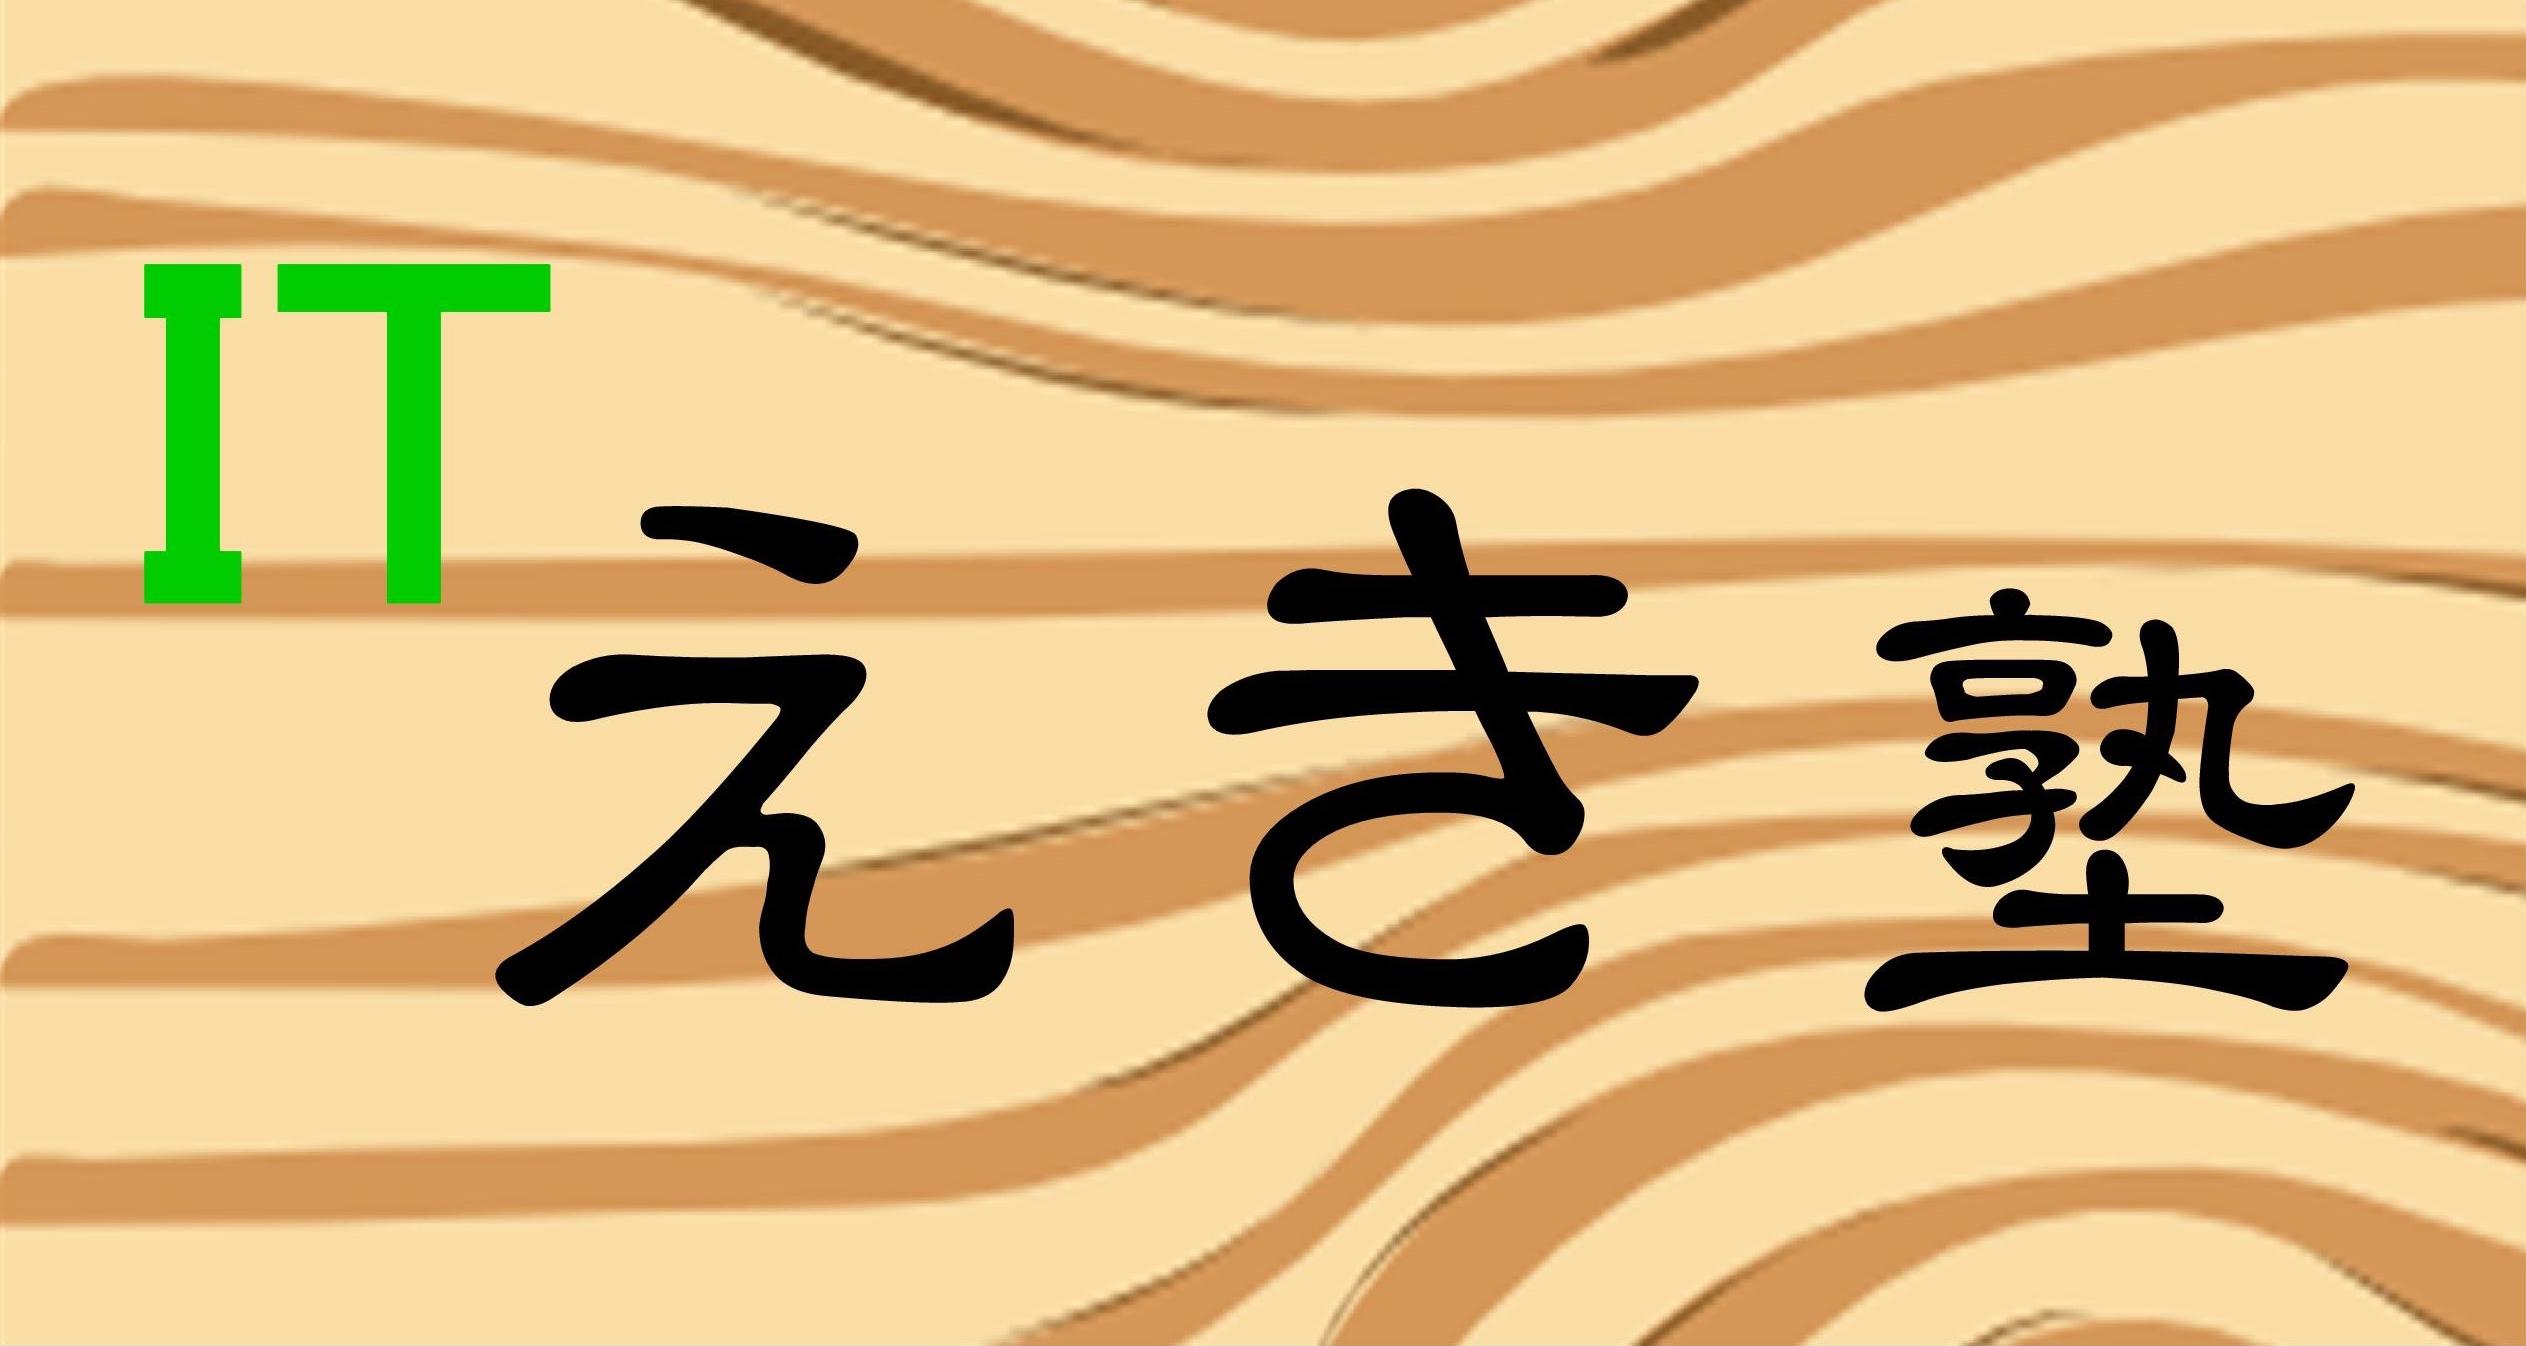 ITえき塾(アイティーえきじゅく)